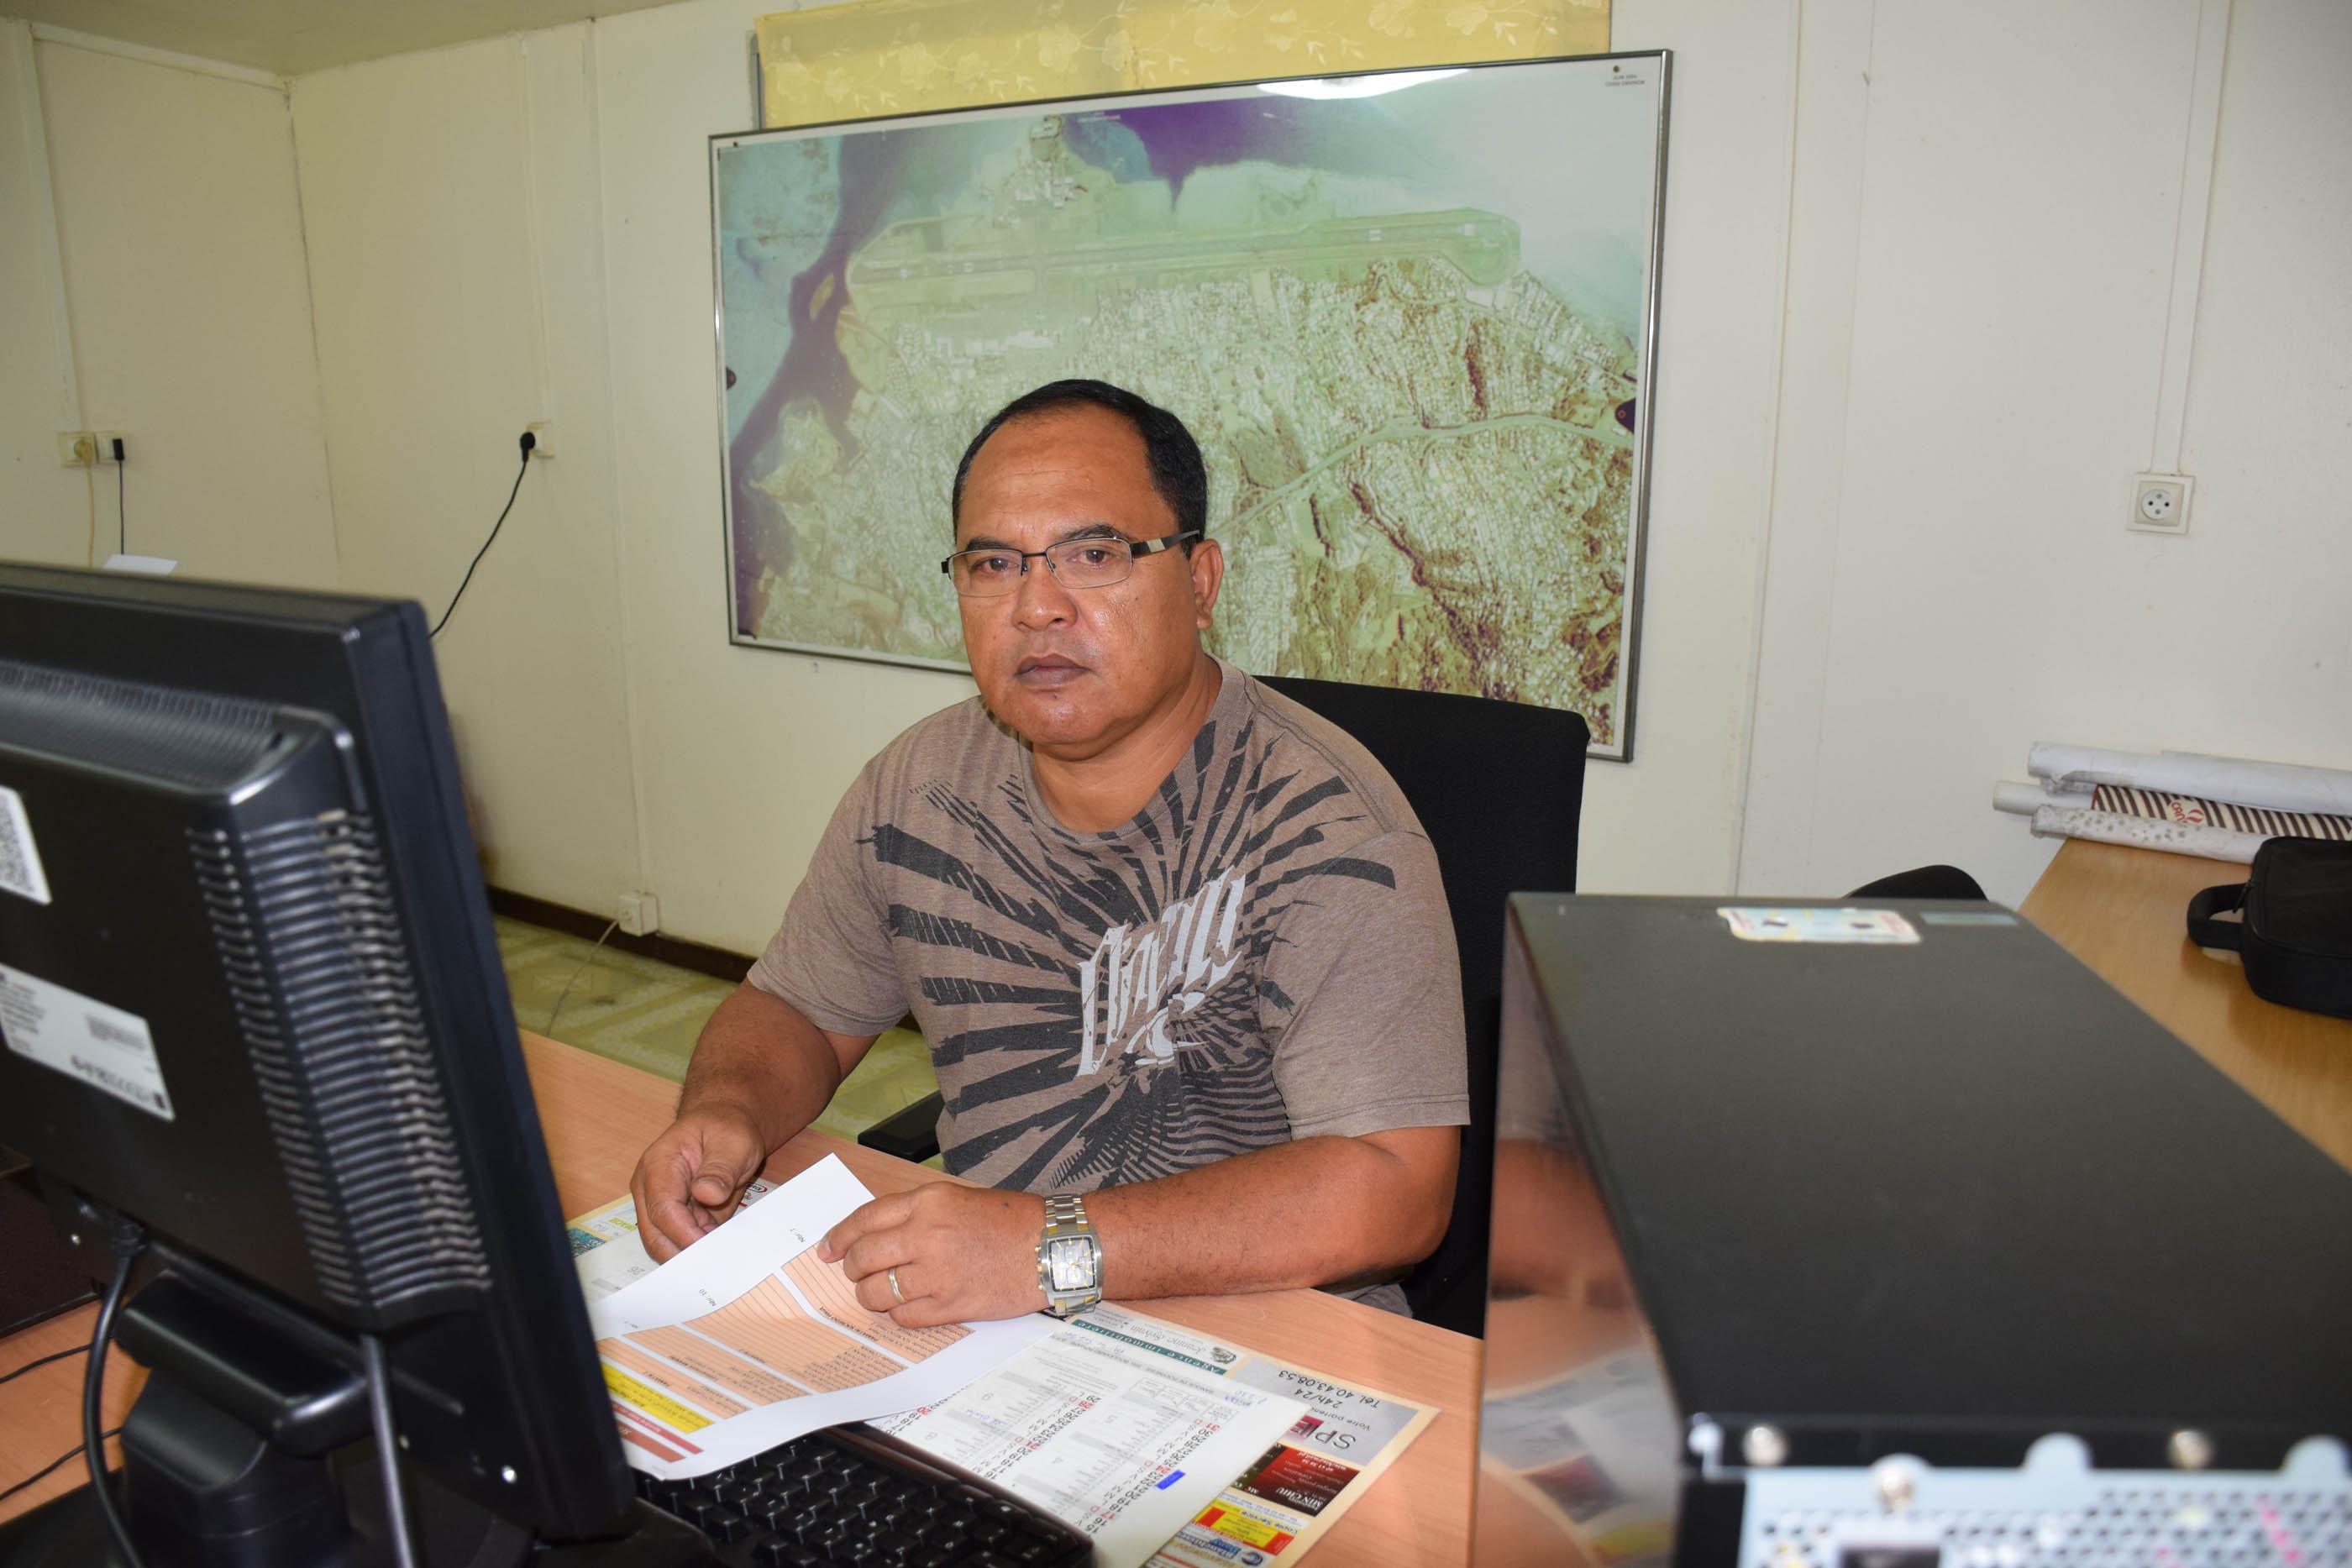 Calixte Ruahe, agent communal est en charge de la réception des administrés concernant les doléances pour les propositions de dénomination des voies.